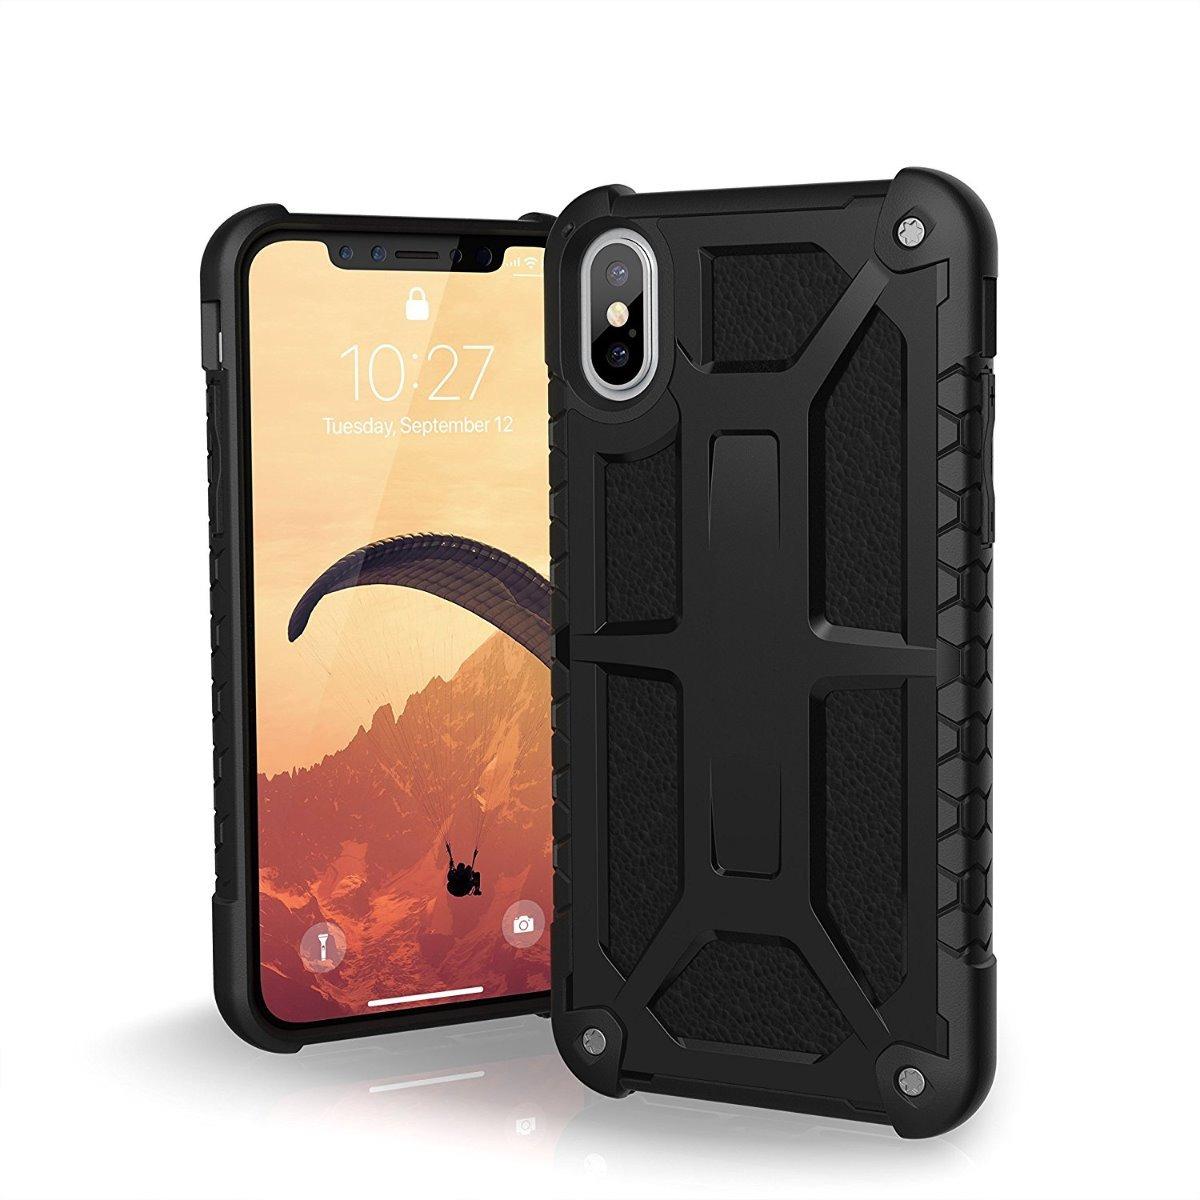 c665f370918 Funda Antigolpe Anti Impacto Simil Uag iPhone X 8 7 6s Plus - $ 199 ...